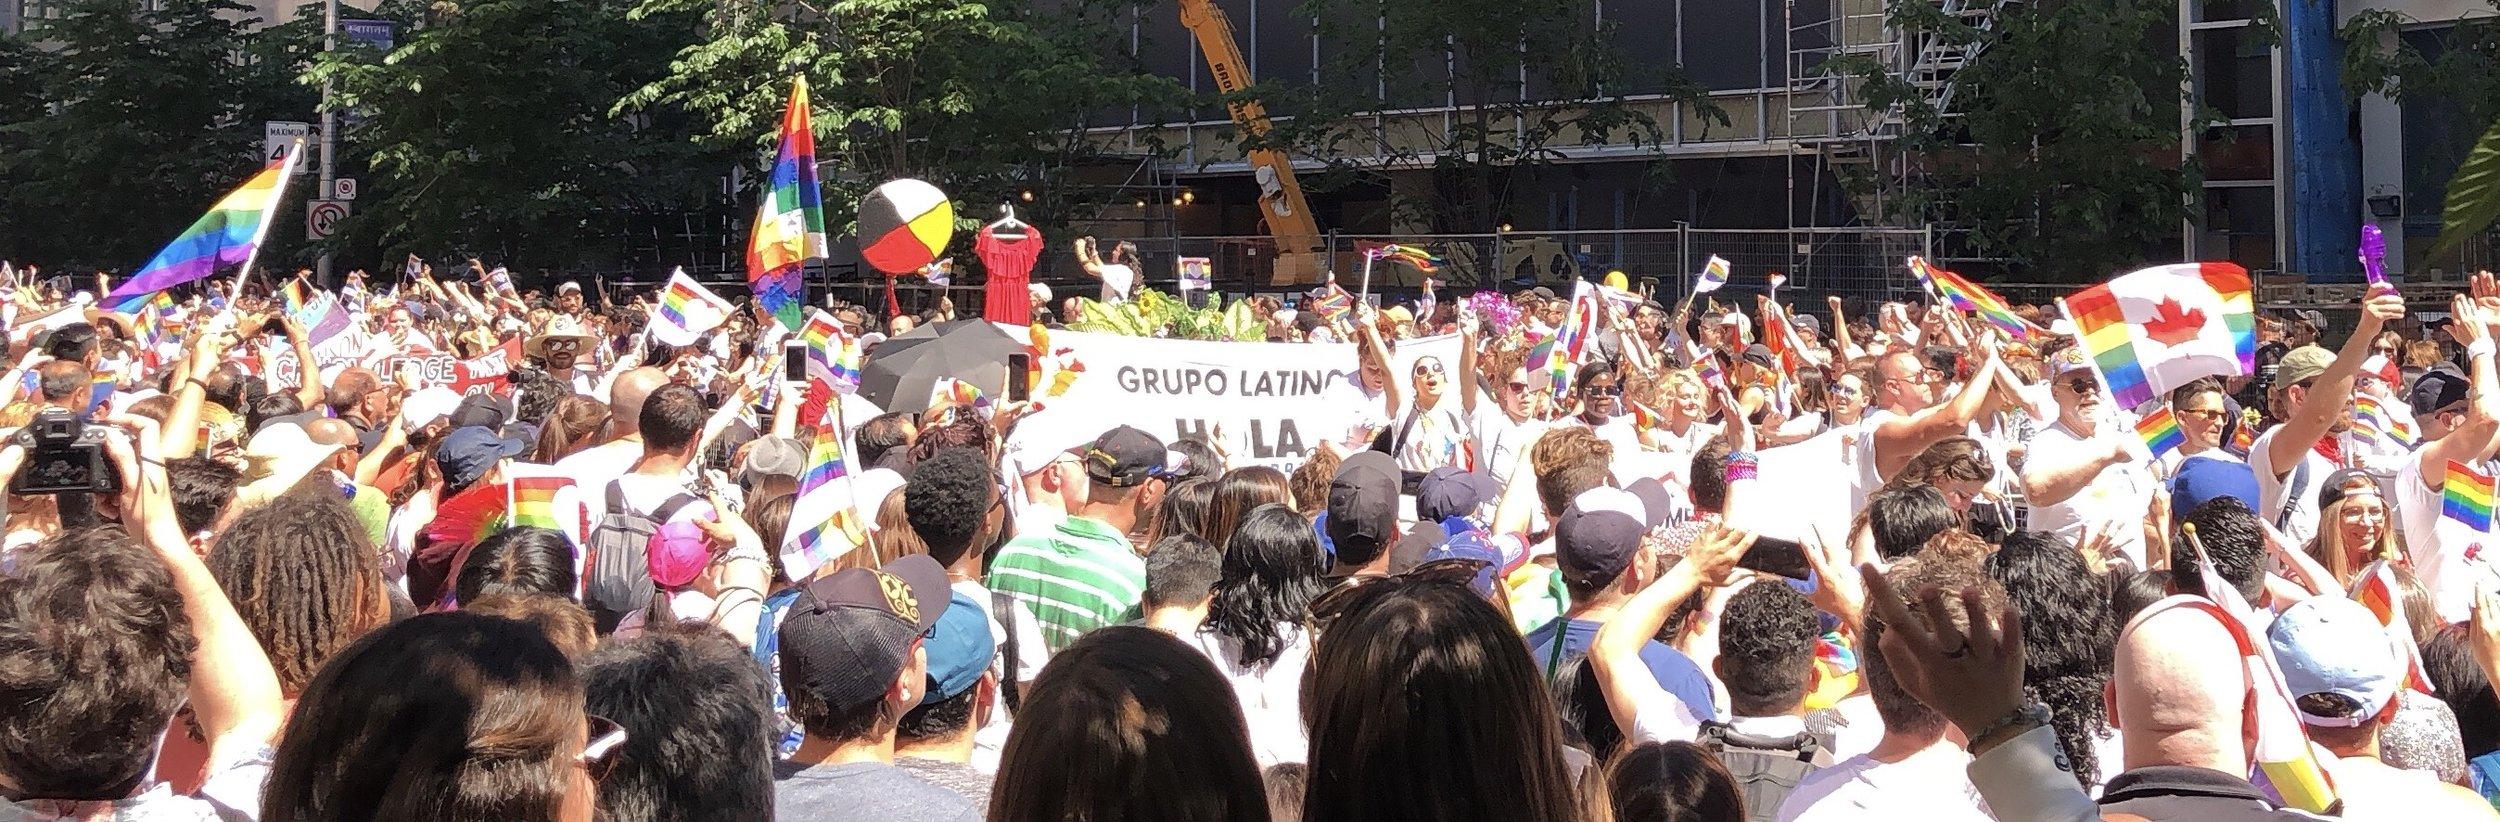 1 Latino.jpeg